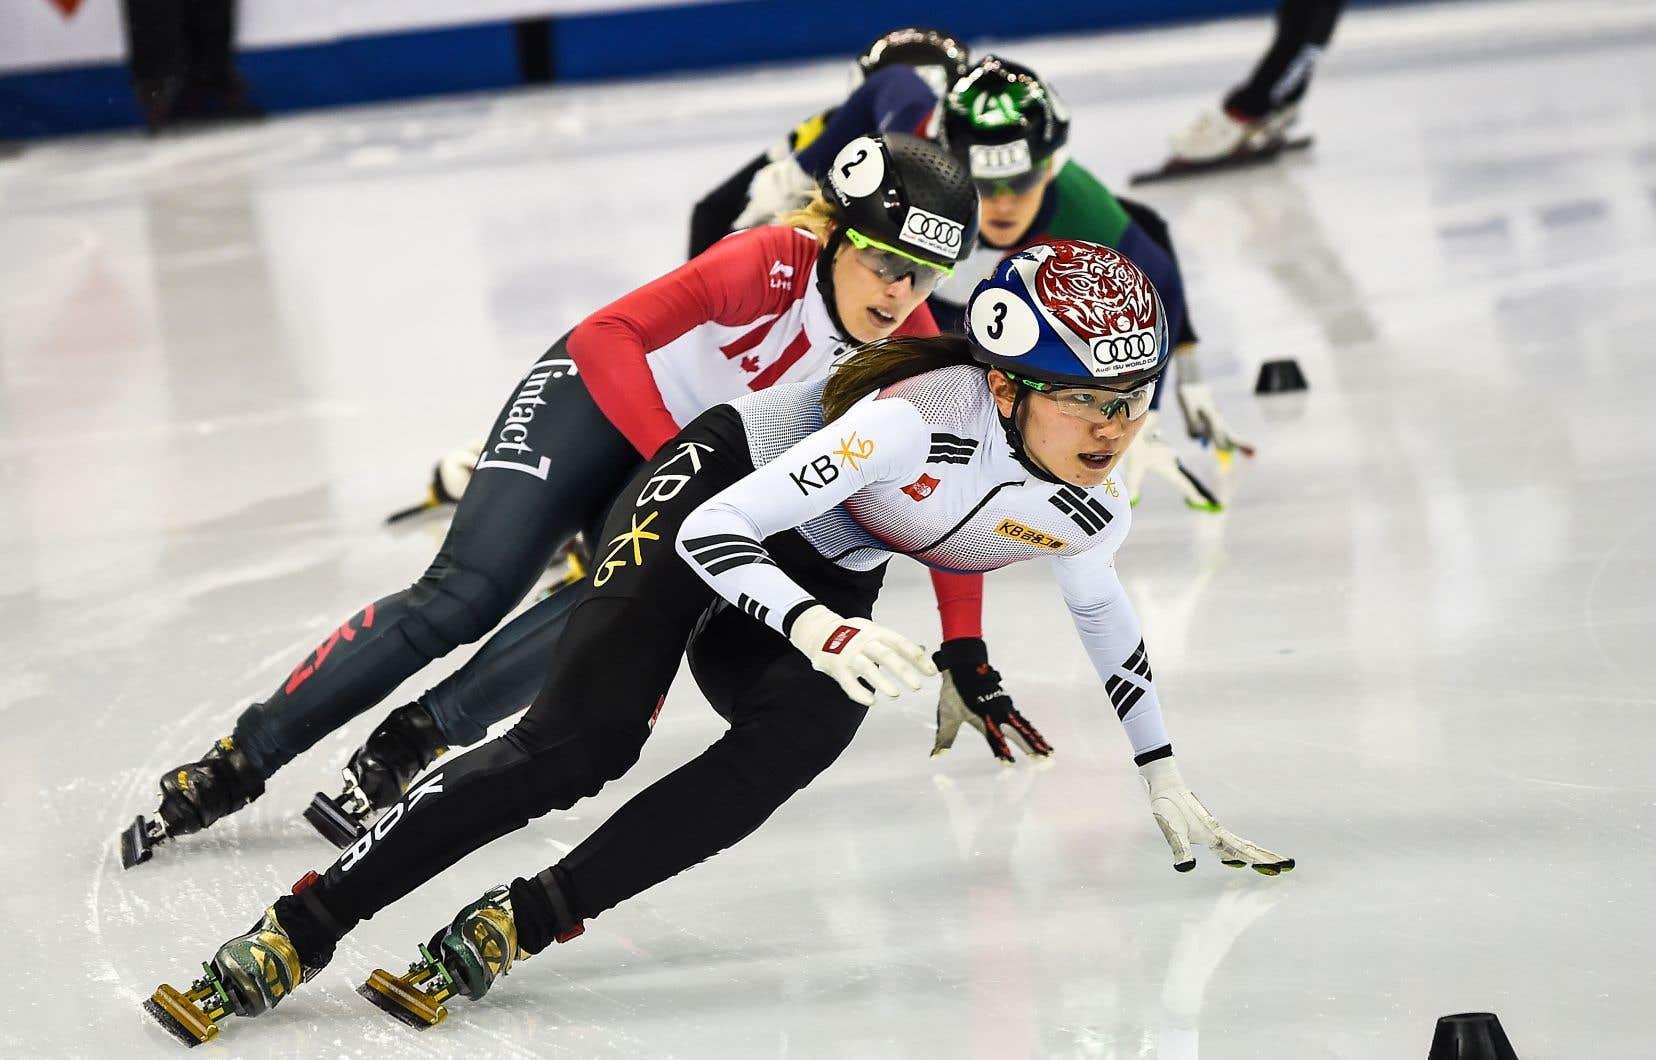 La Coréenne Shim Suk-hee devant la Québécoise Marianne St-Gelais dans une épreuve de Coupe du monde à Shanghai en novembre 2017